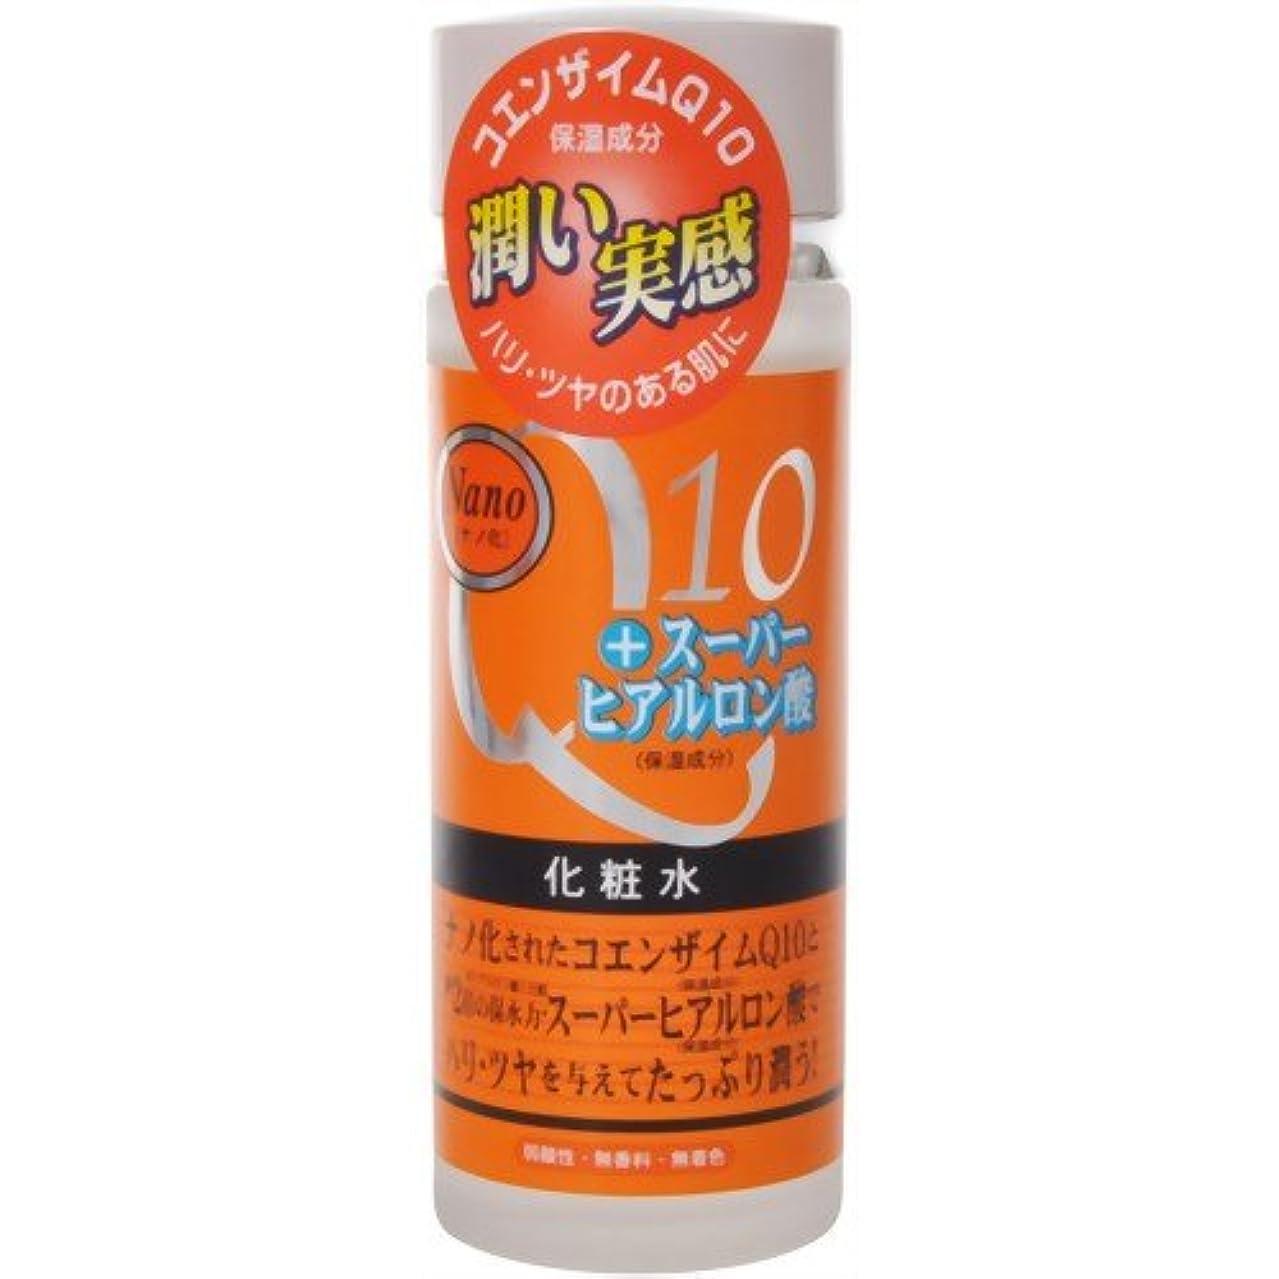 世界に死んだ談話絶望ナノ化?コエンザイムQ10&スーパーヒアルロン酸化粧水 120ml